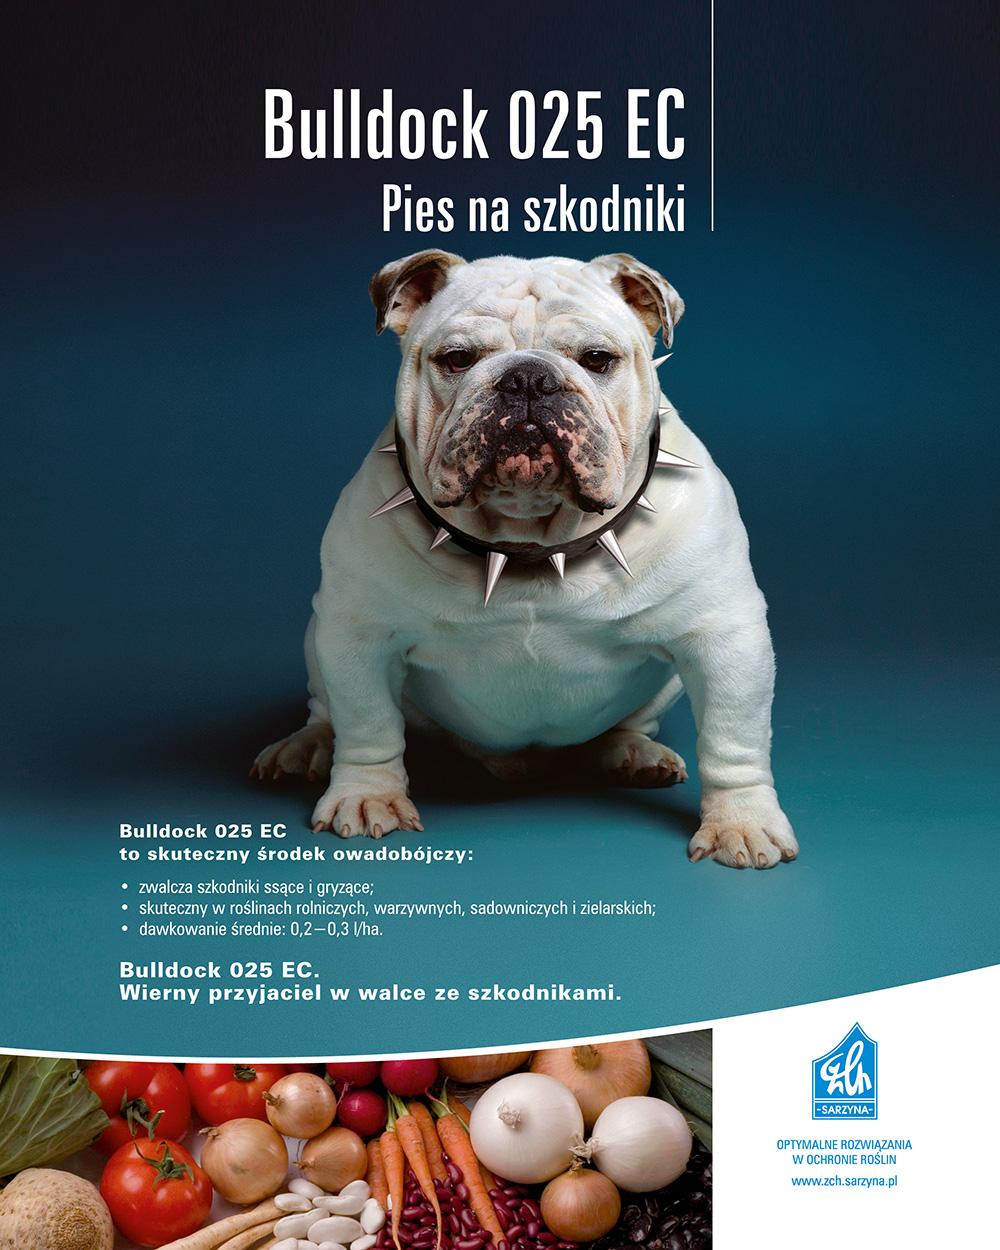 ciech-sarzyna-reklama-prasowa-5